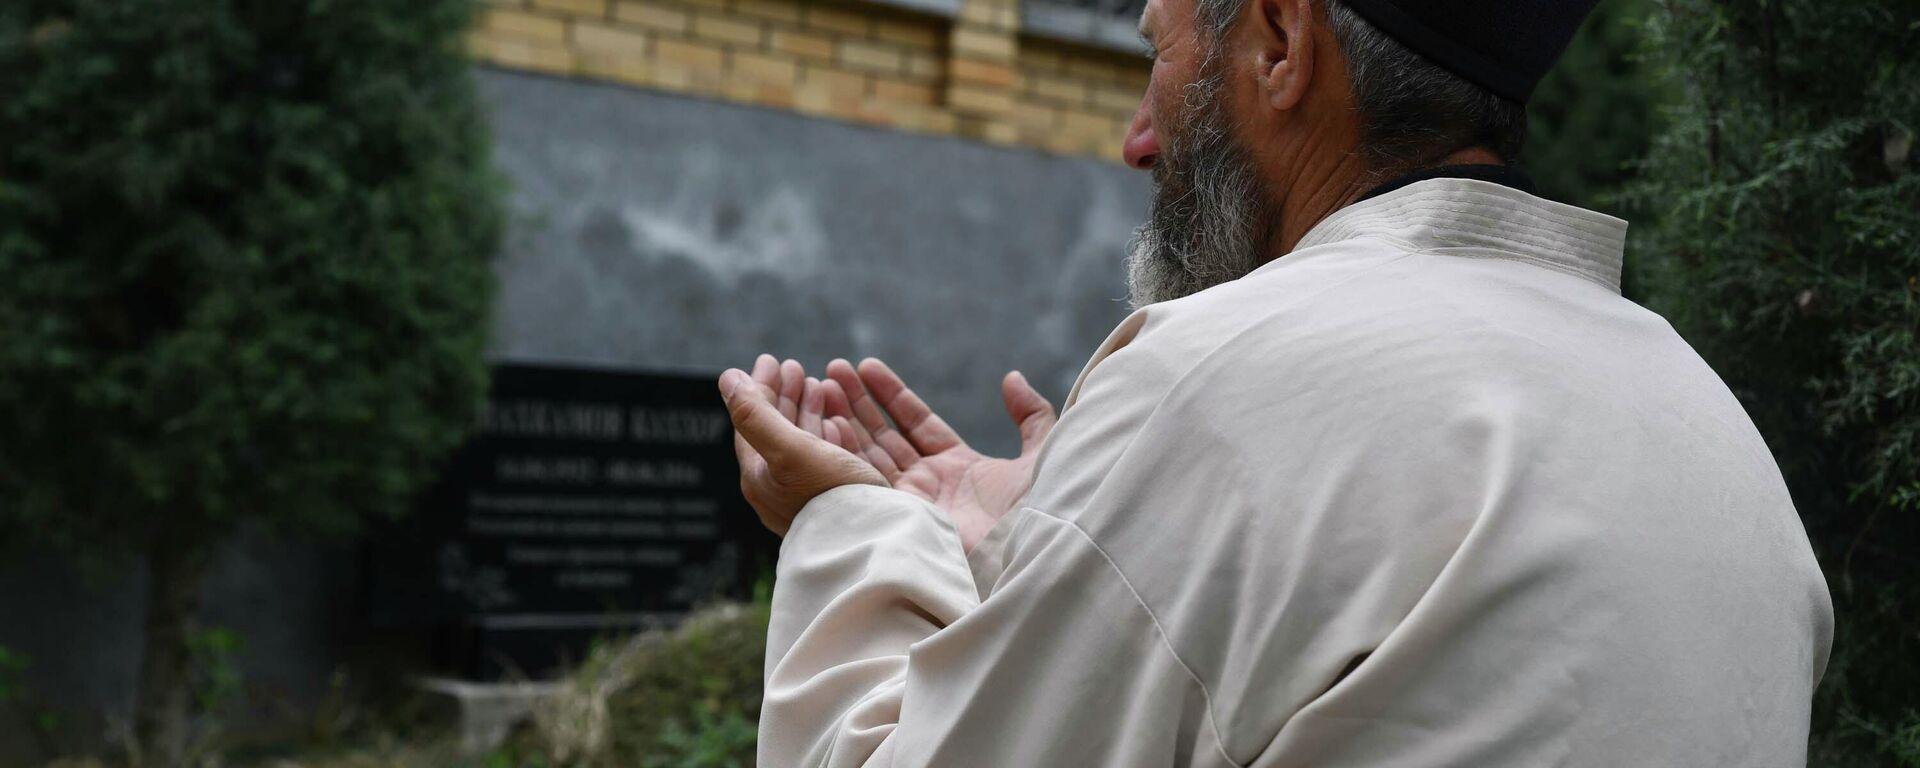 Мужчина молится на кладбище - Sputnik Таджикистан, 1920, 13.08.2021